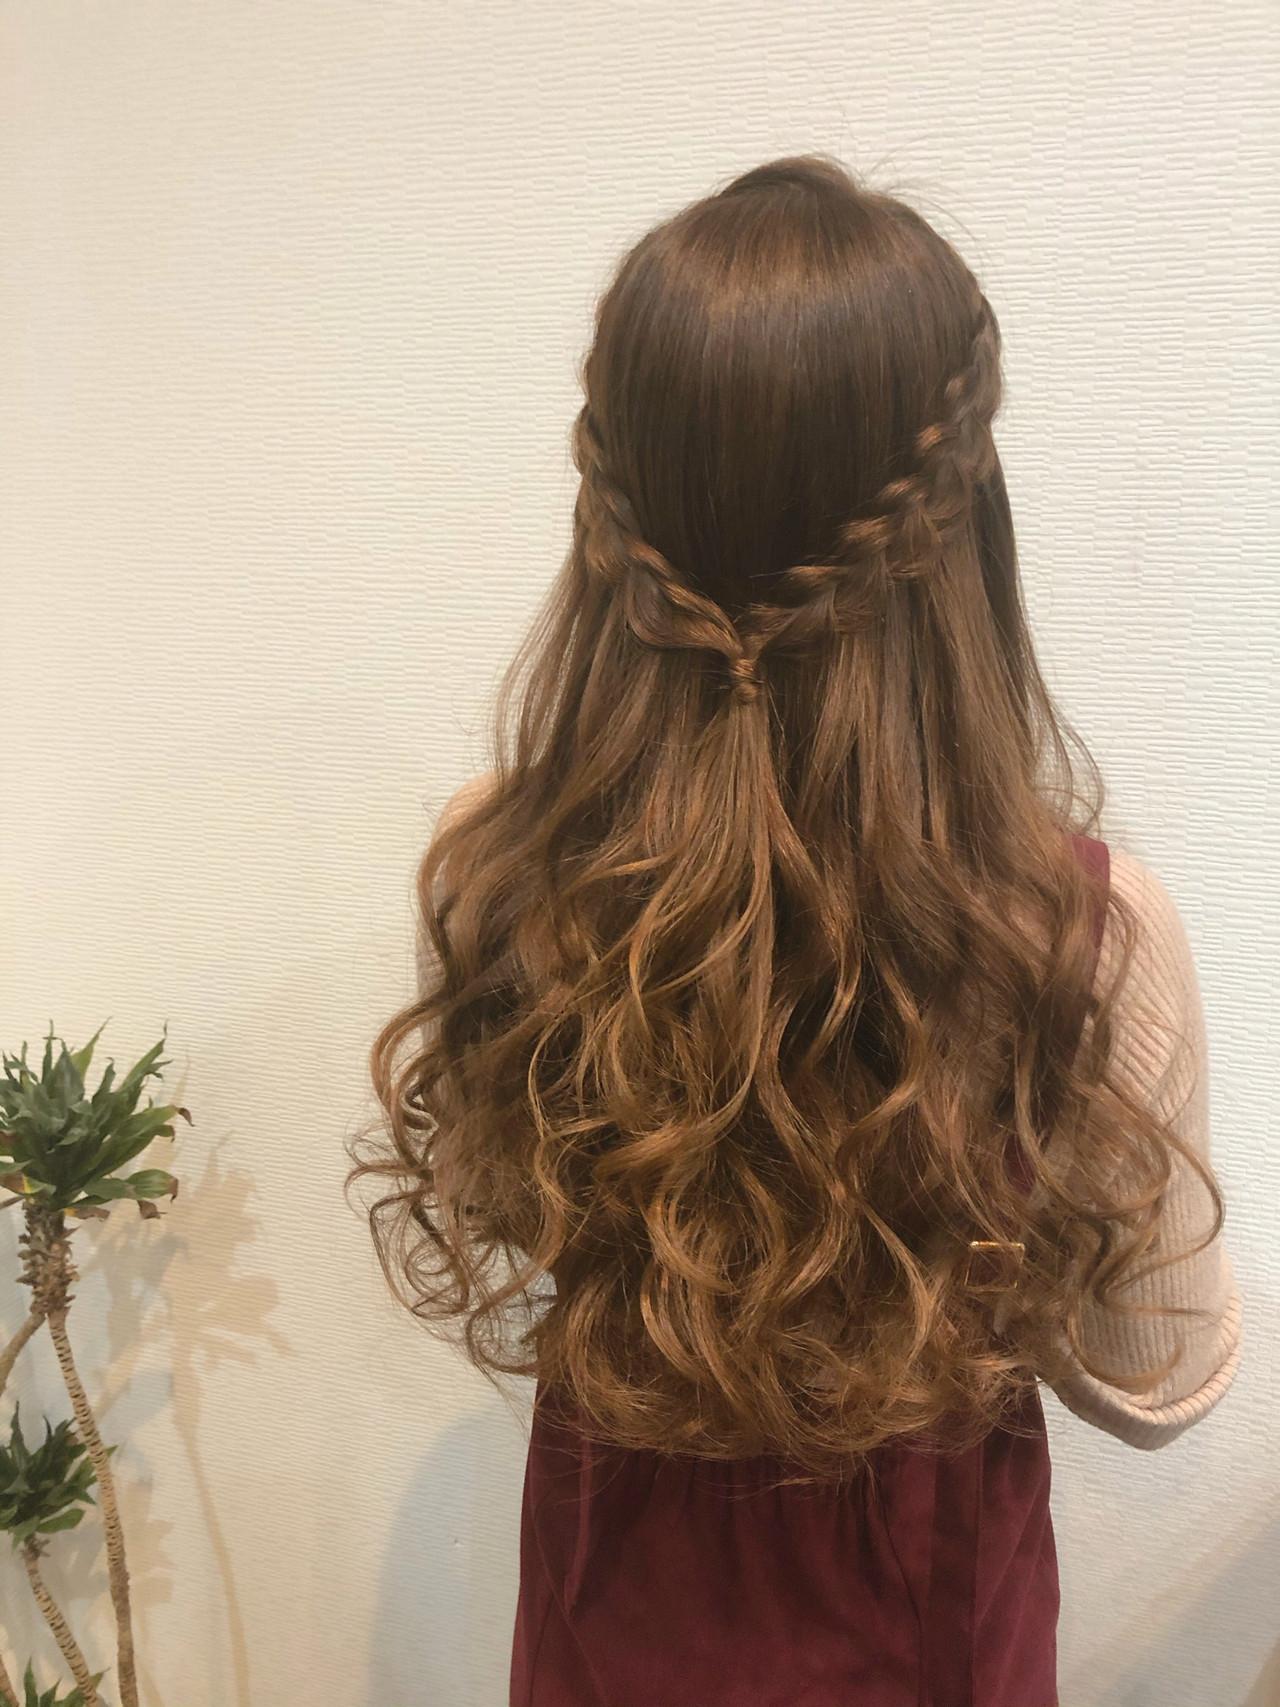 編み込み フェミニン 結婚式 ハーフアップ ヘアスタイルや髪型の写真・画像